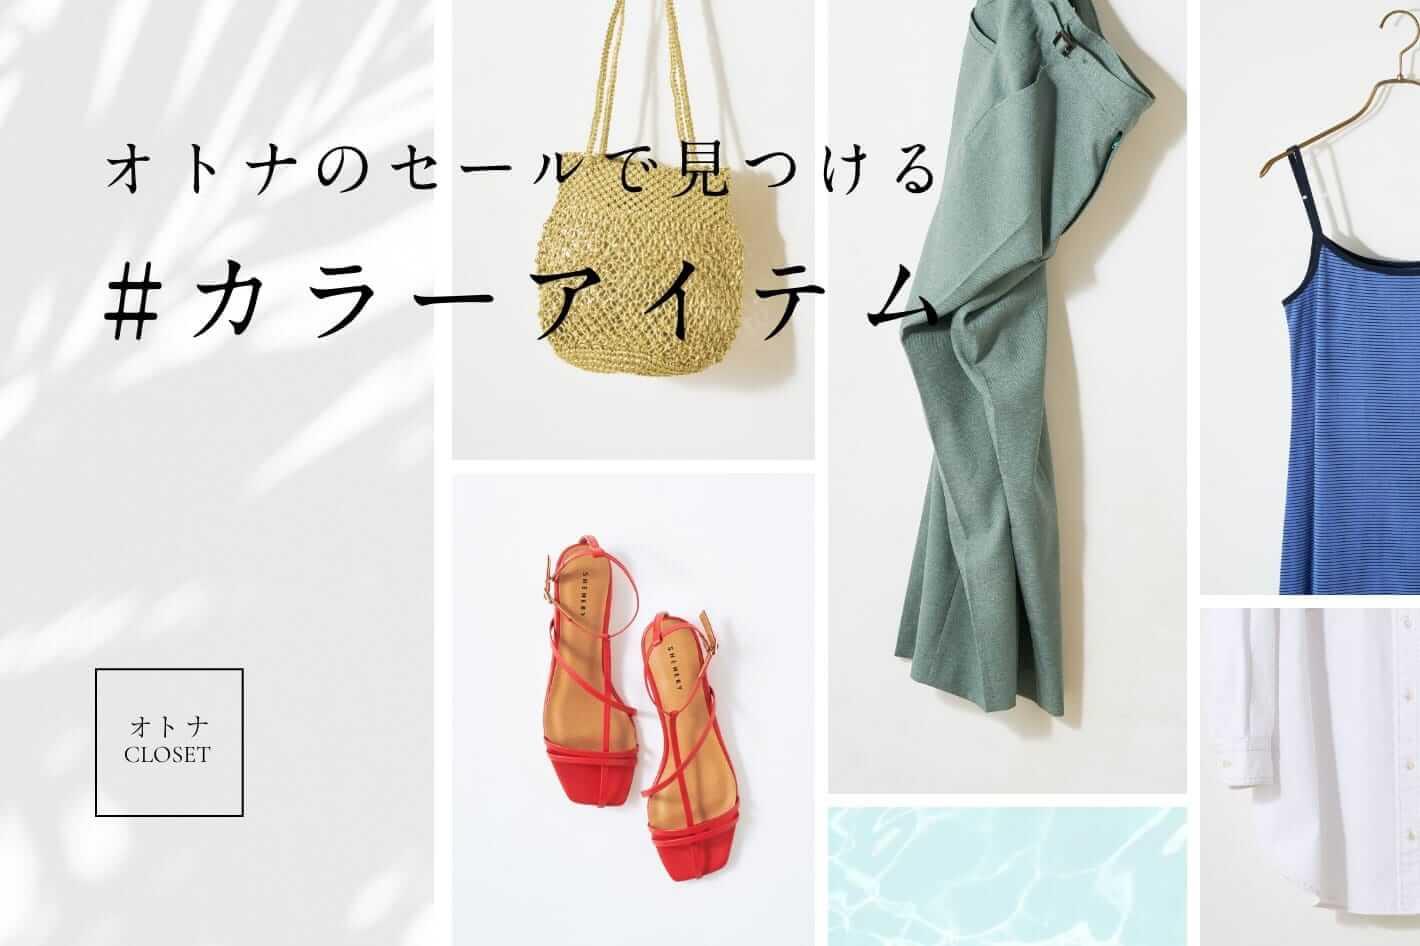 インテリア・雑貨 ファッション カジュアル シンプル スタイリッシュ・おしゃれ ナチュラル・爽やか 切り抜き 高級感・シックのバナーデザイン